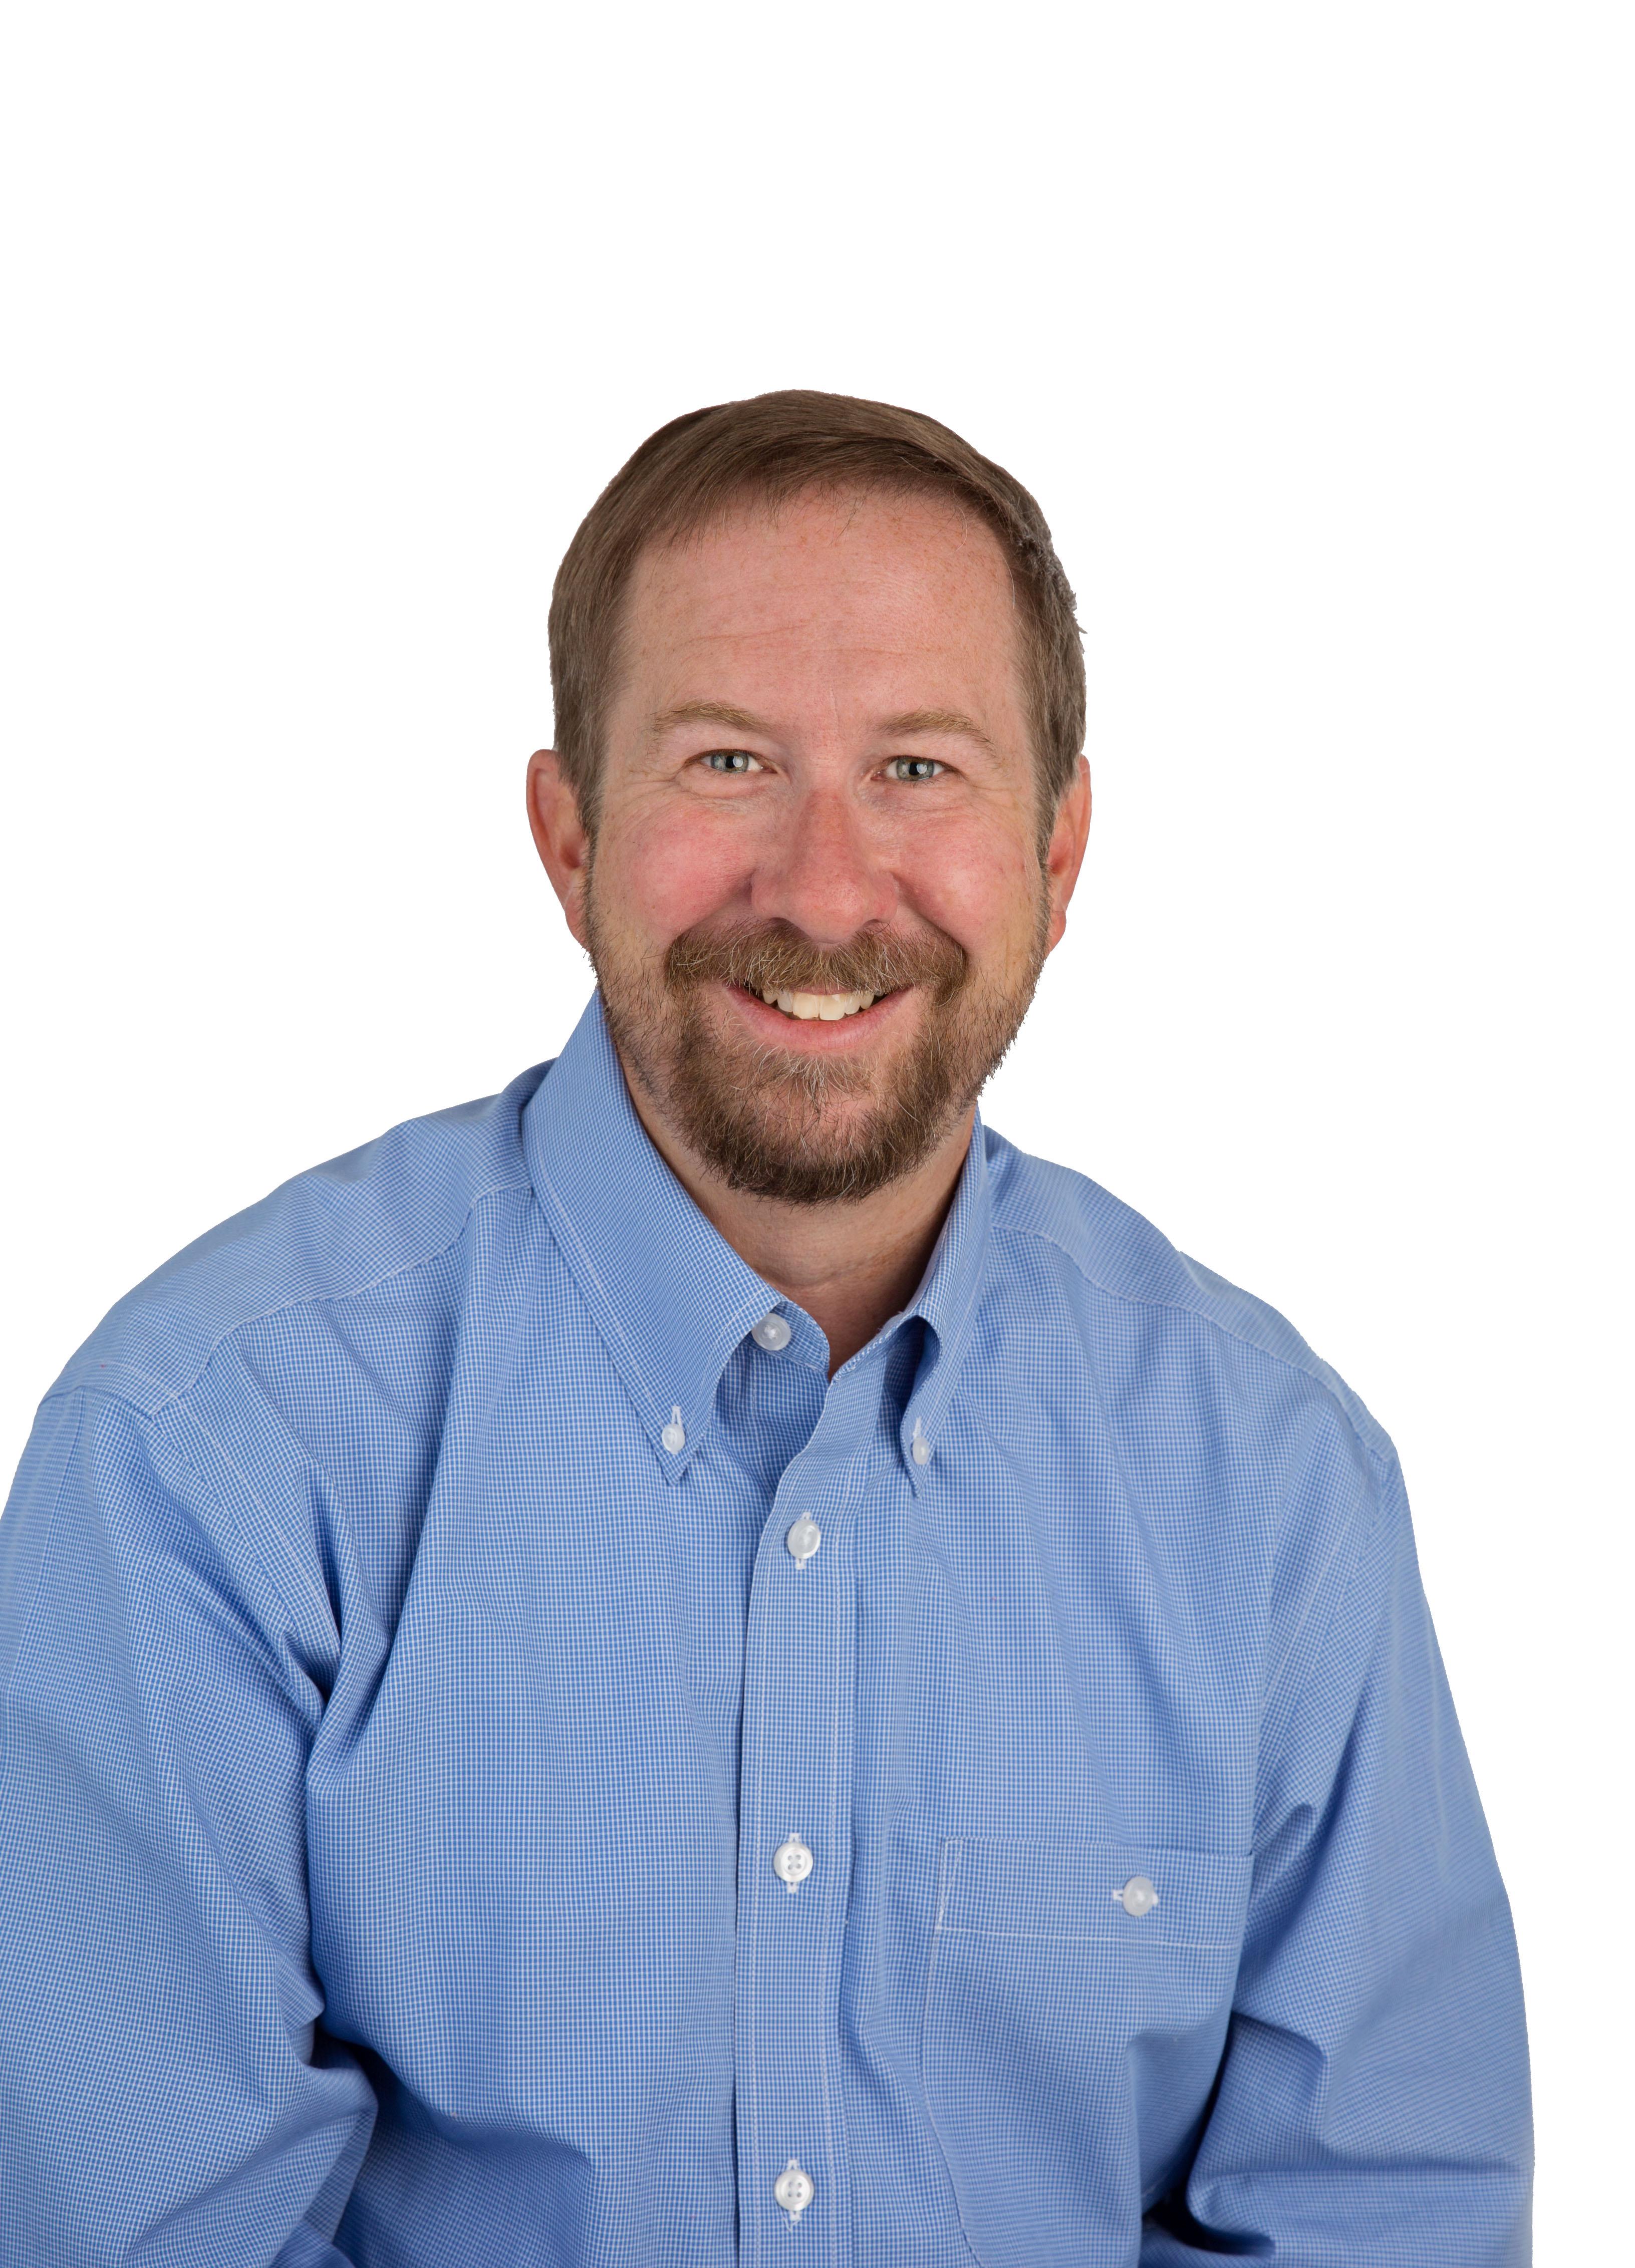 Andrew Dolese